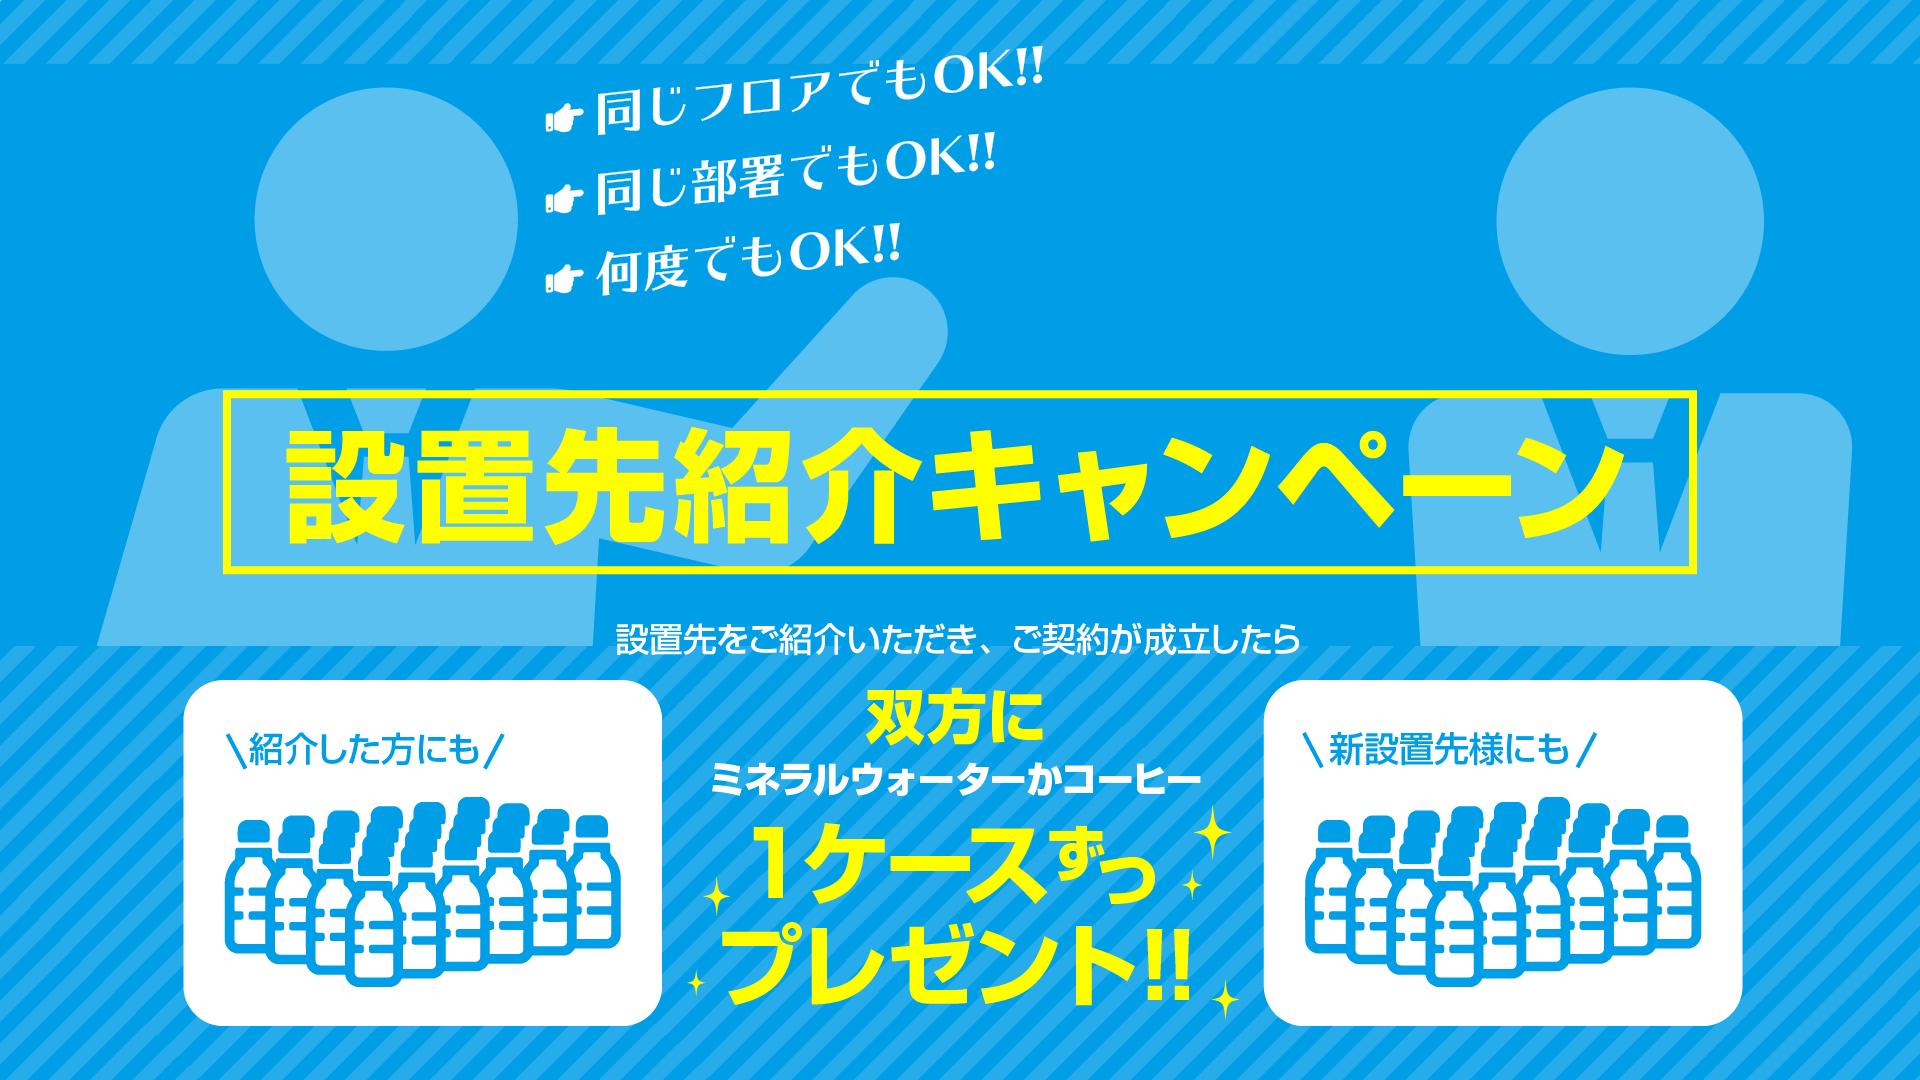 設置先紹介キャンペーン